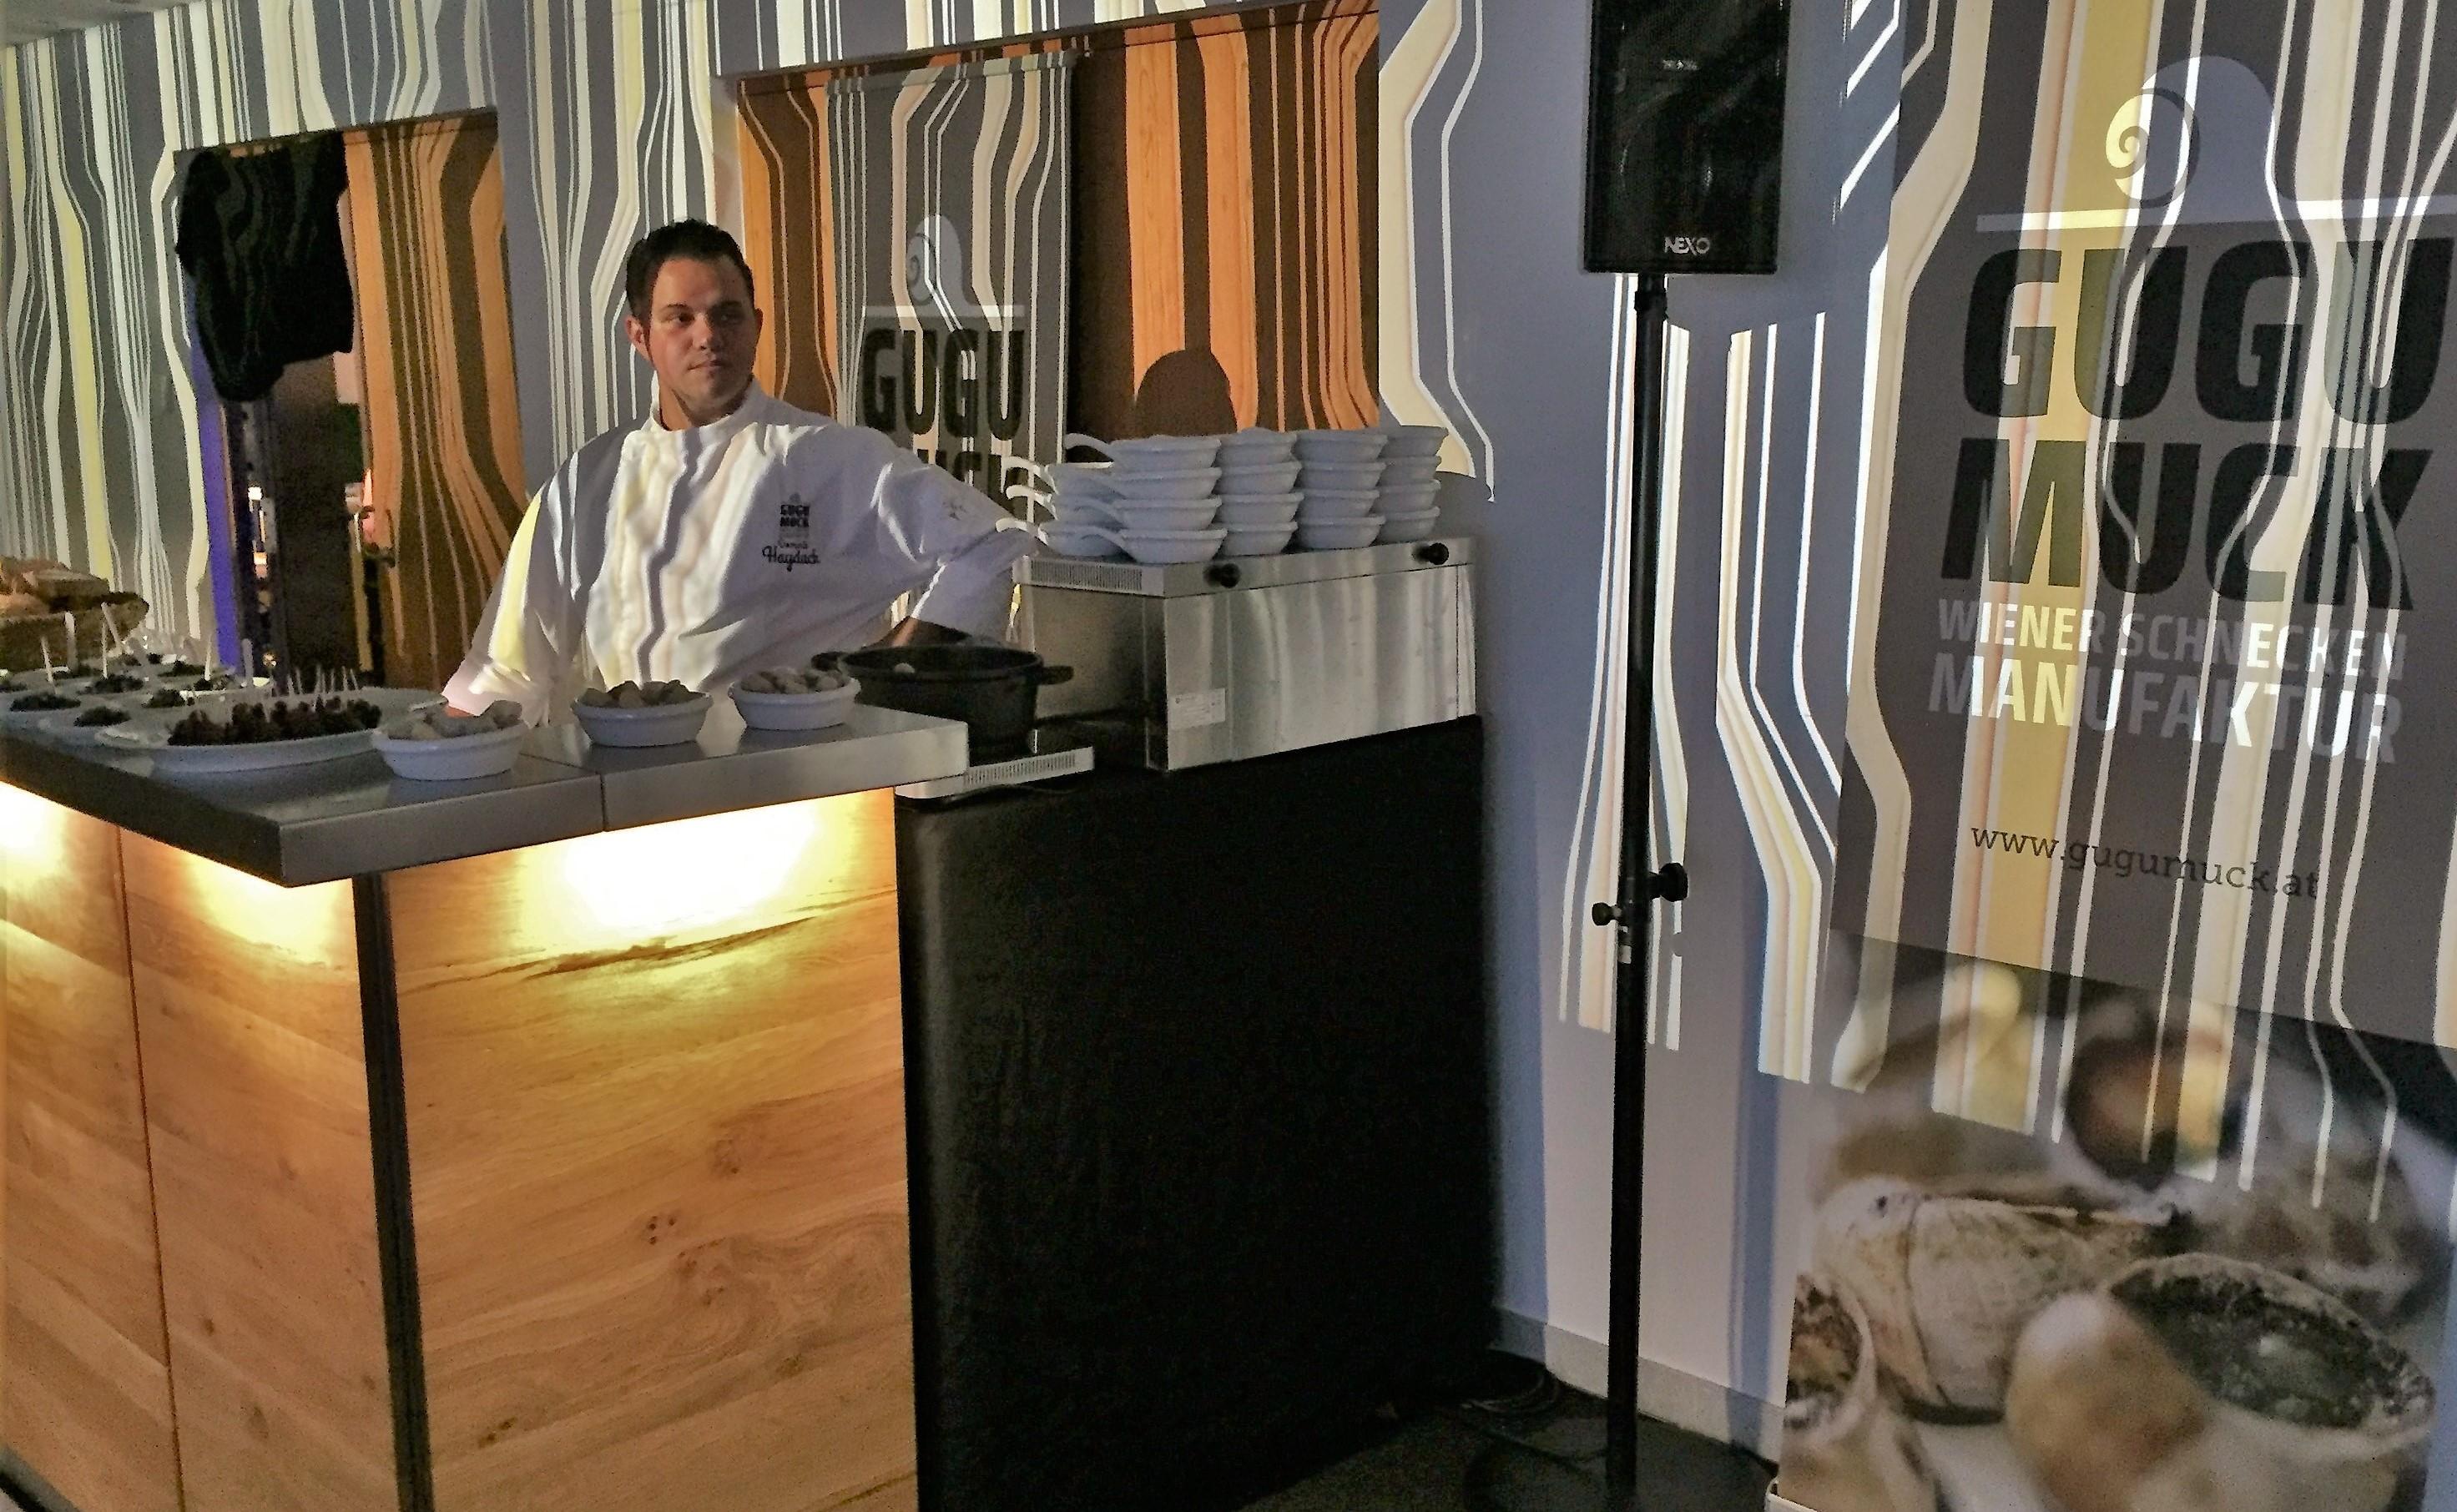 Exclusives Catering von Gugumuck, Wiener Schnecken-Manufaktur, die Speisen werden vom Schneckenkoch exklusiv gekocht nach ihren Wünschen. Hier findest Du viele tolle Weinbergschneckenrezepte! Kaum ein Lebensmittel lässt sich vielfältiger zubereiten als die Weinbergschnecke von Gugumuck.